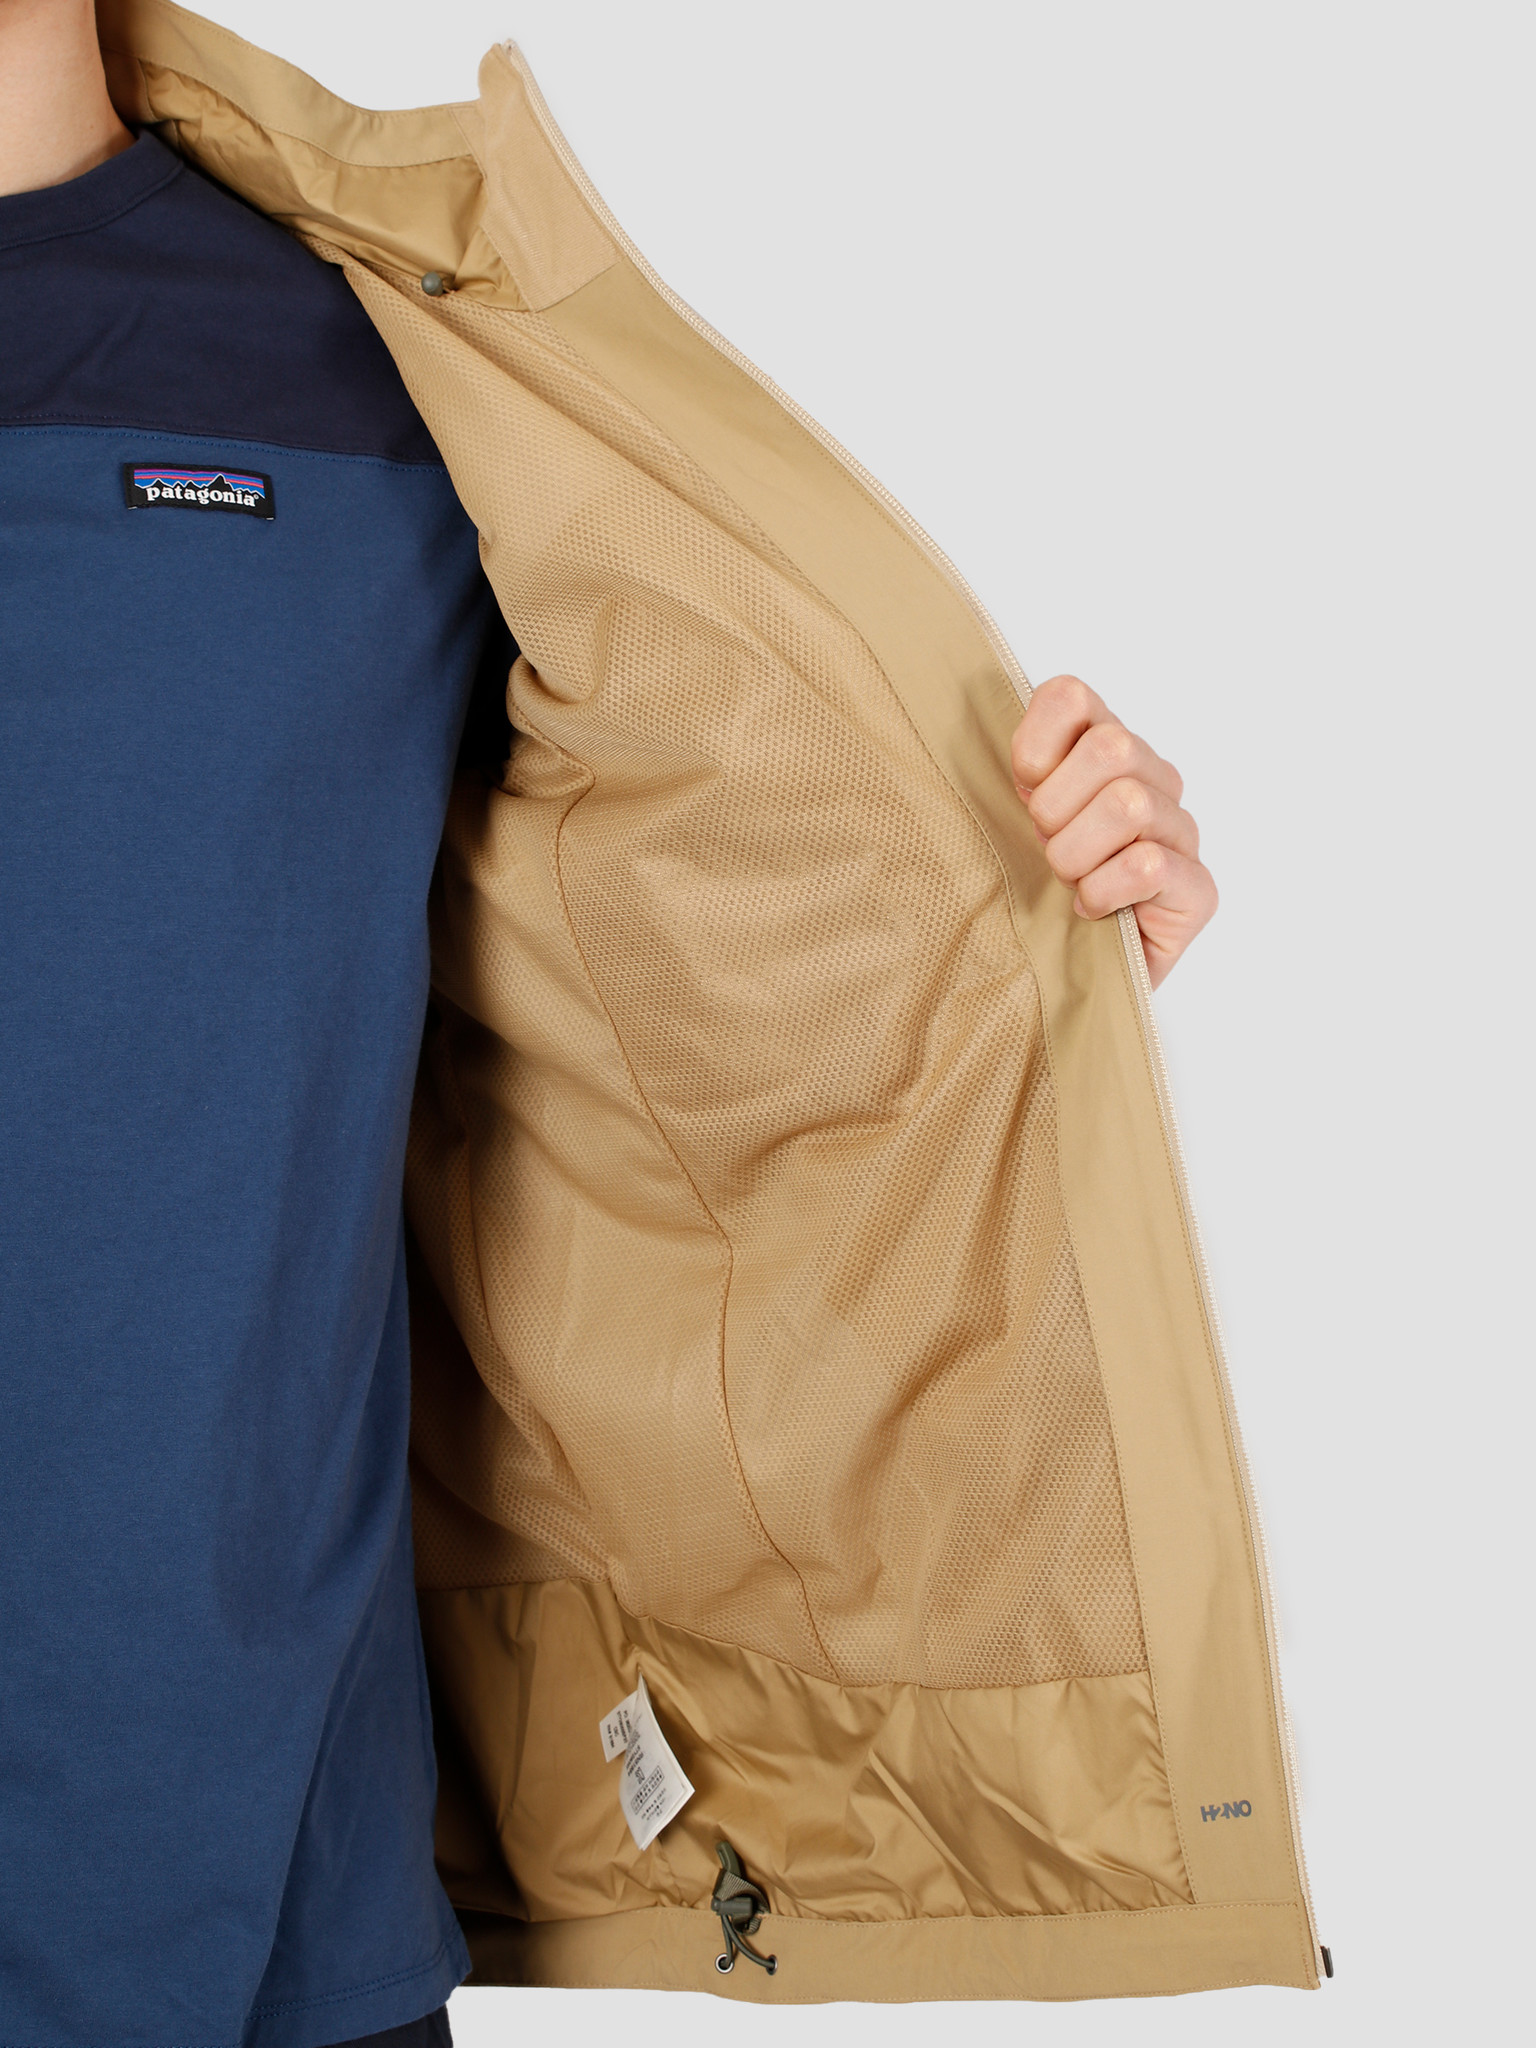 Patagonia Patagonia M's Quandary Jacket Classic Tan 28055